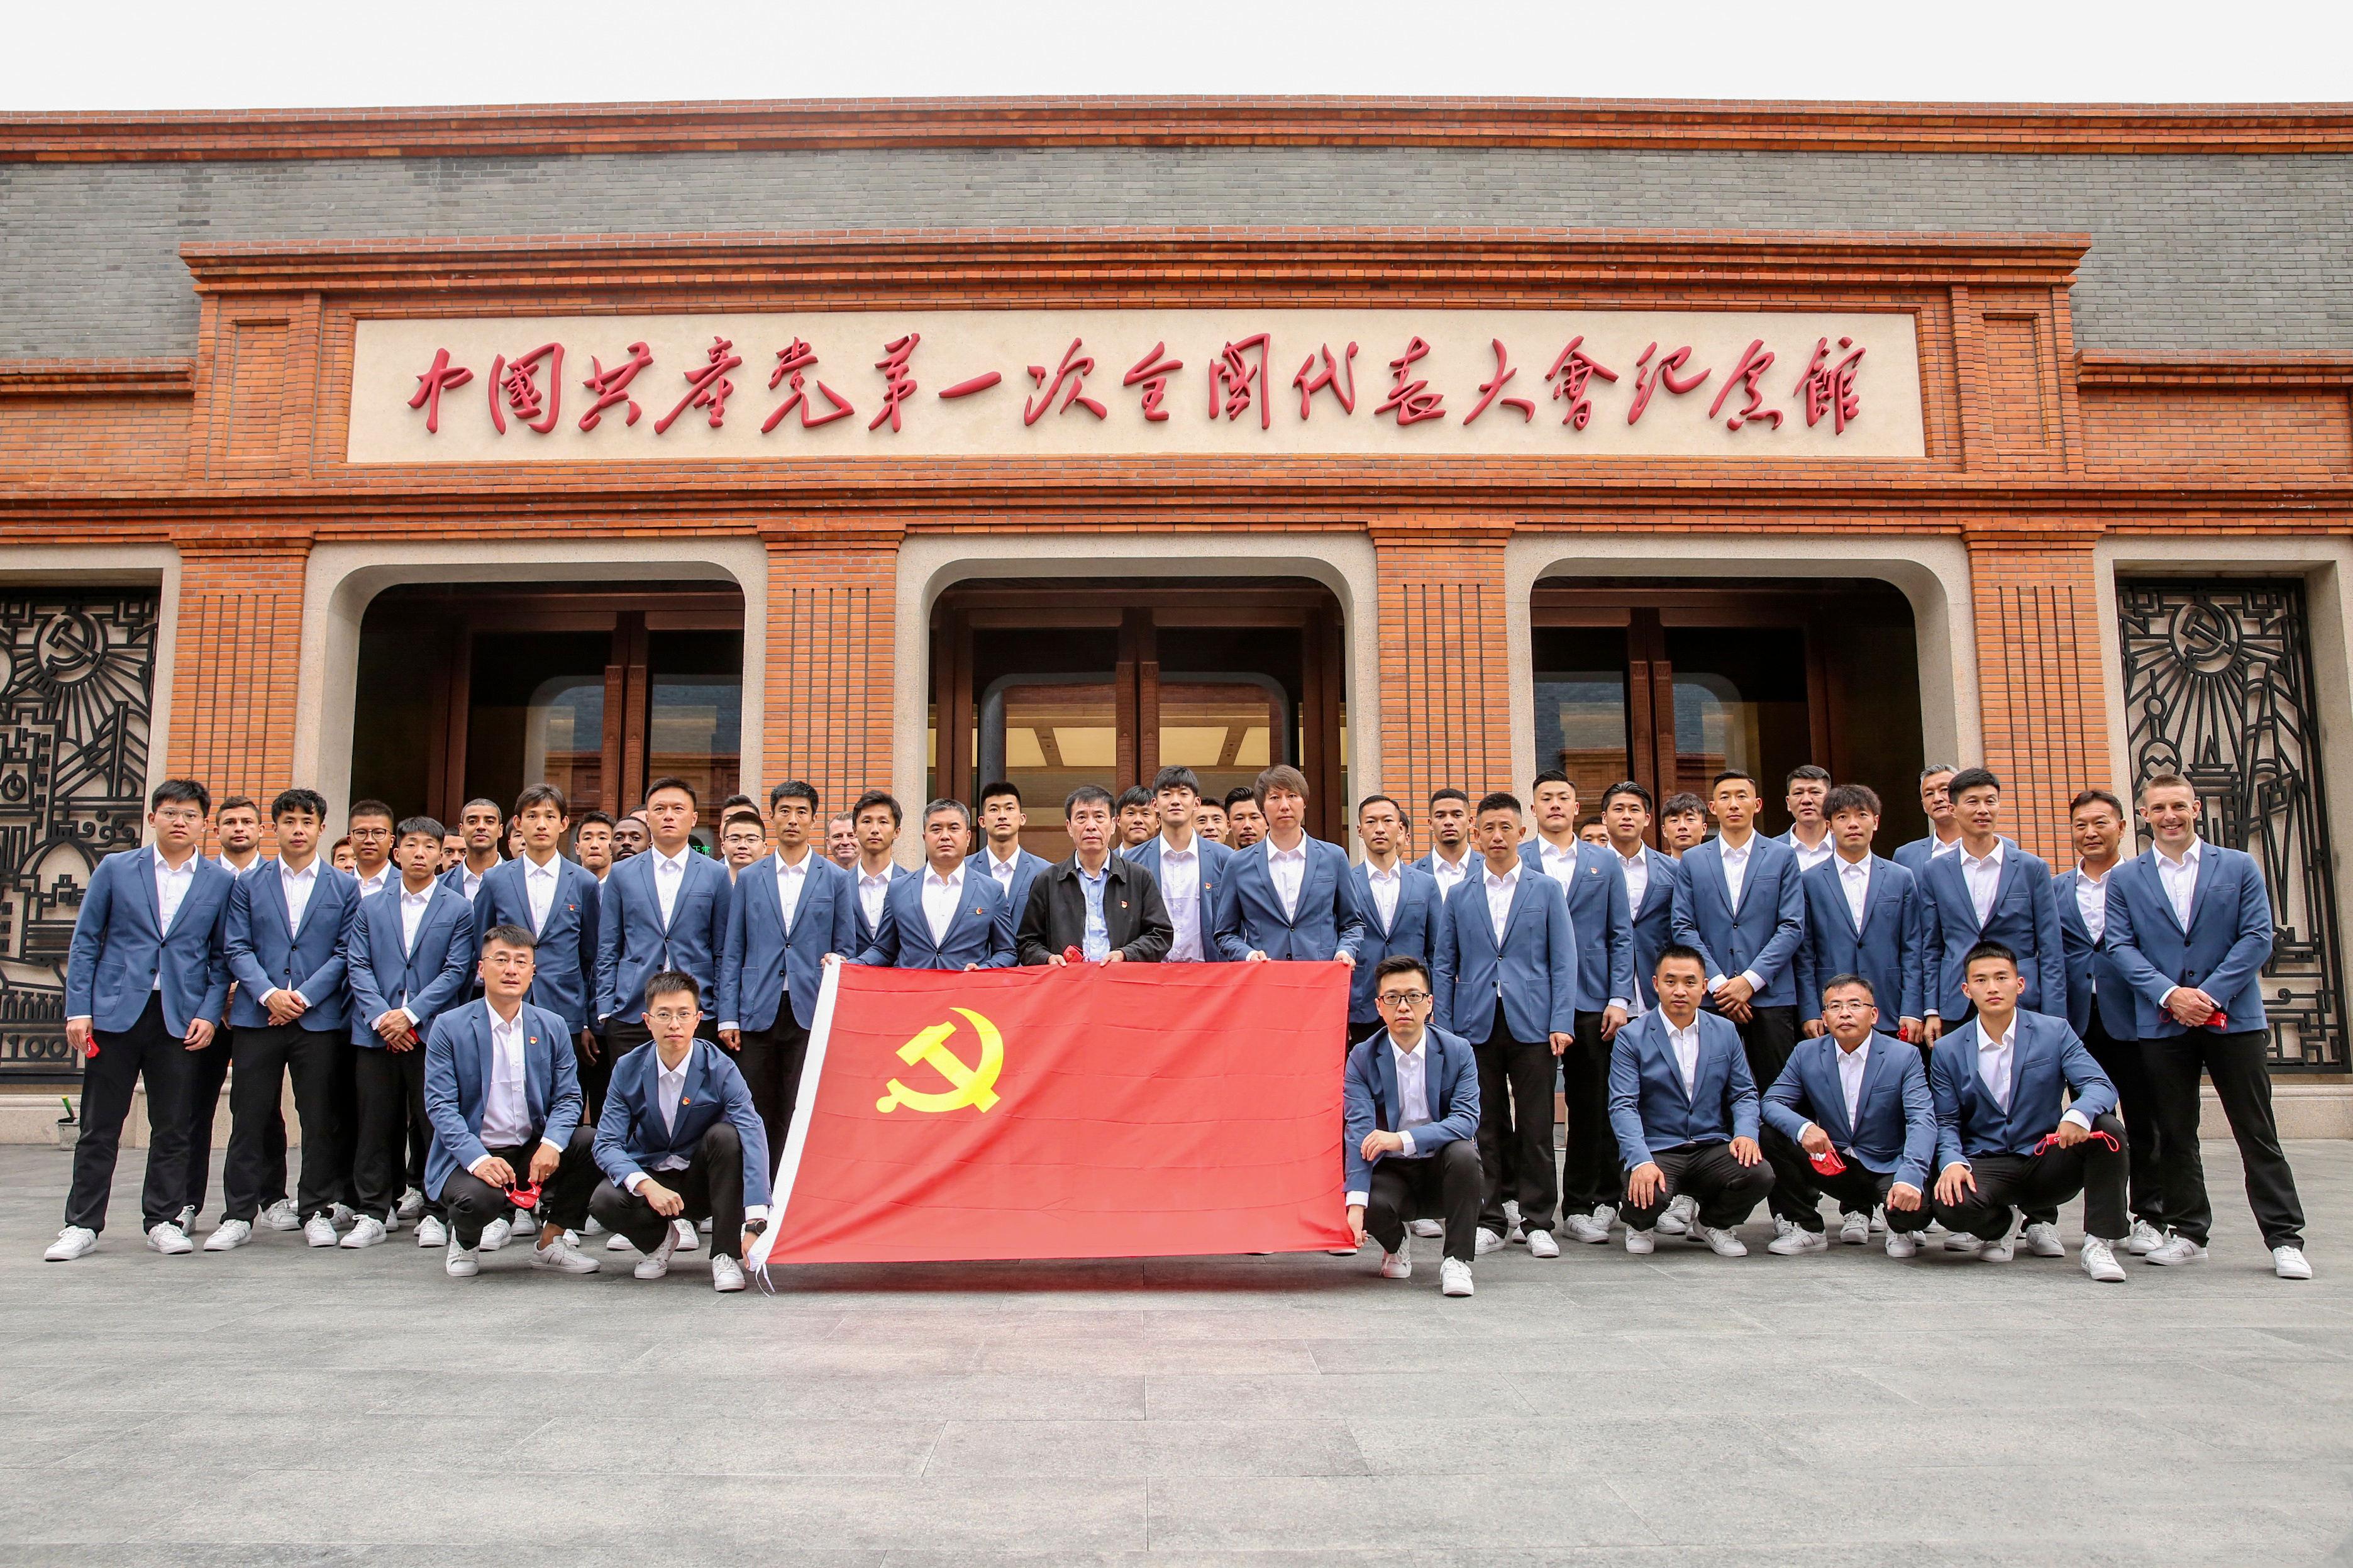 武磊抵达上海,国足阵容齐整,李铁锋线用人面临6选3